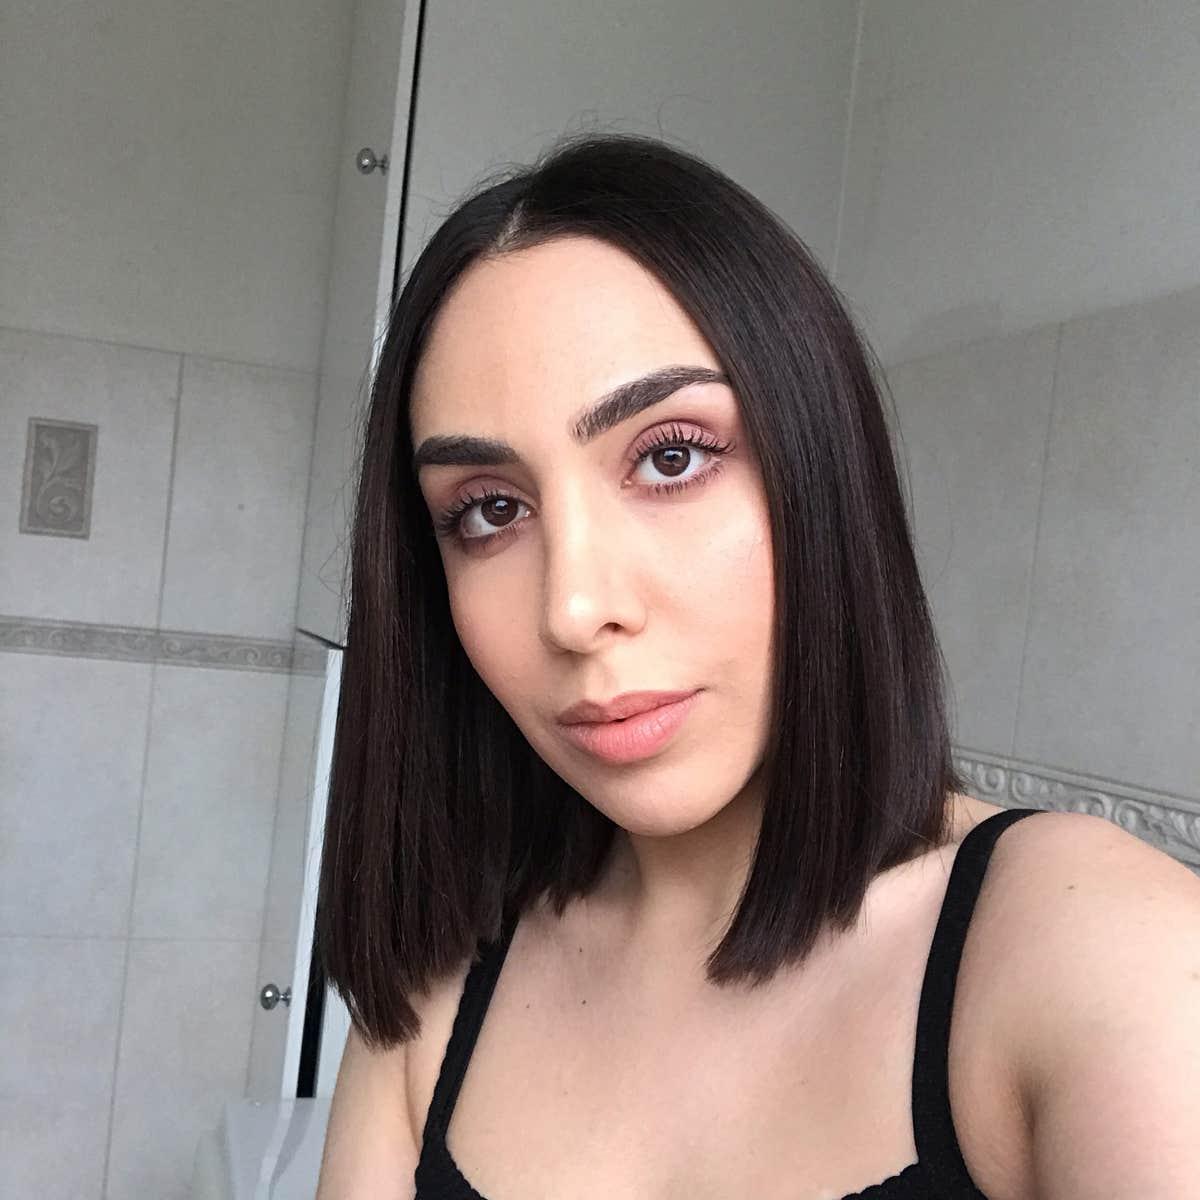 Schönheitsoperationen warum Kosmetik: Schönheitsoperationen